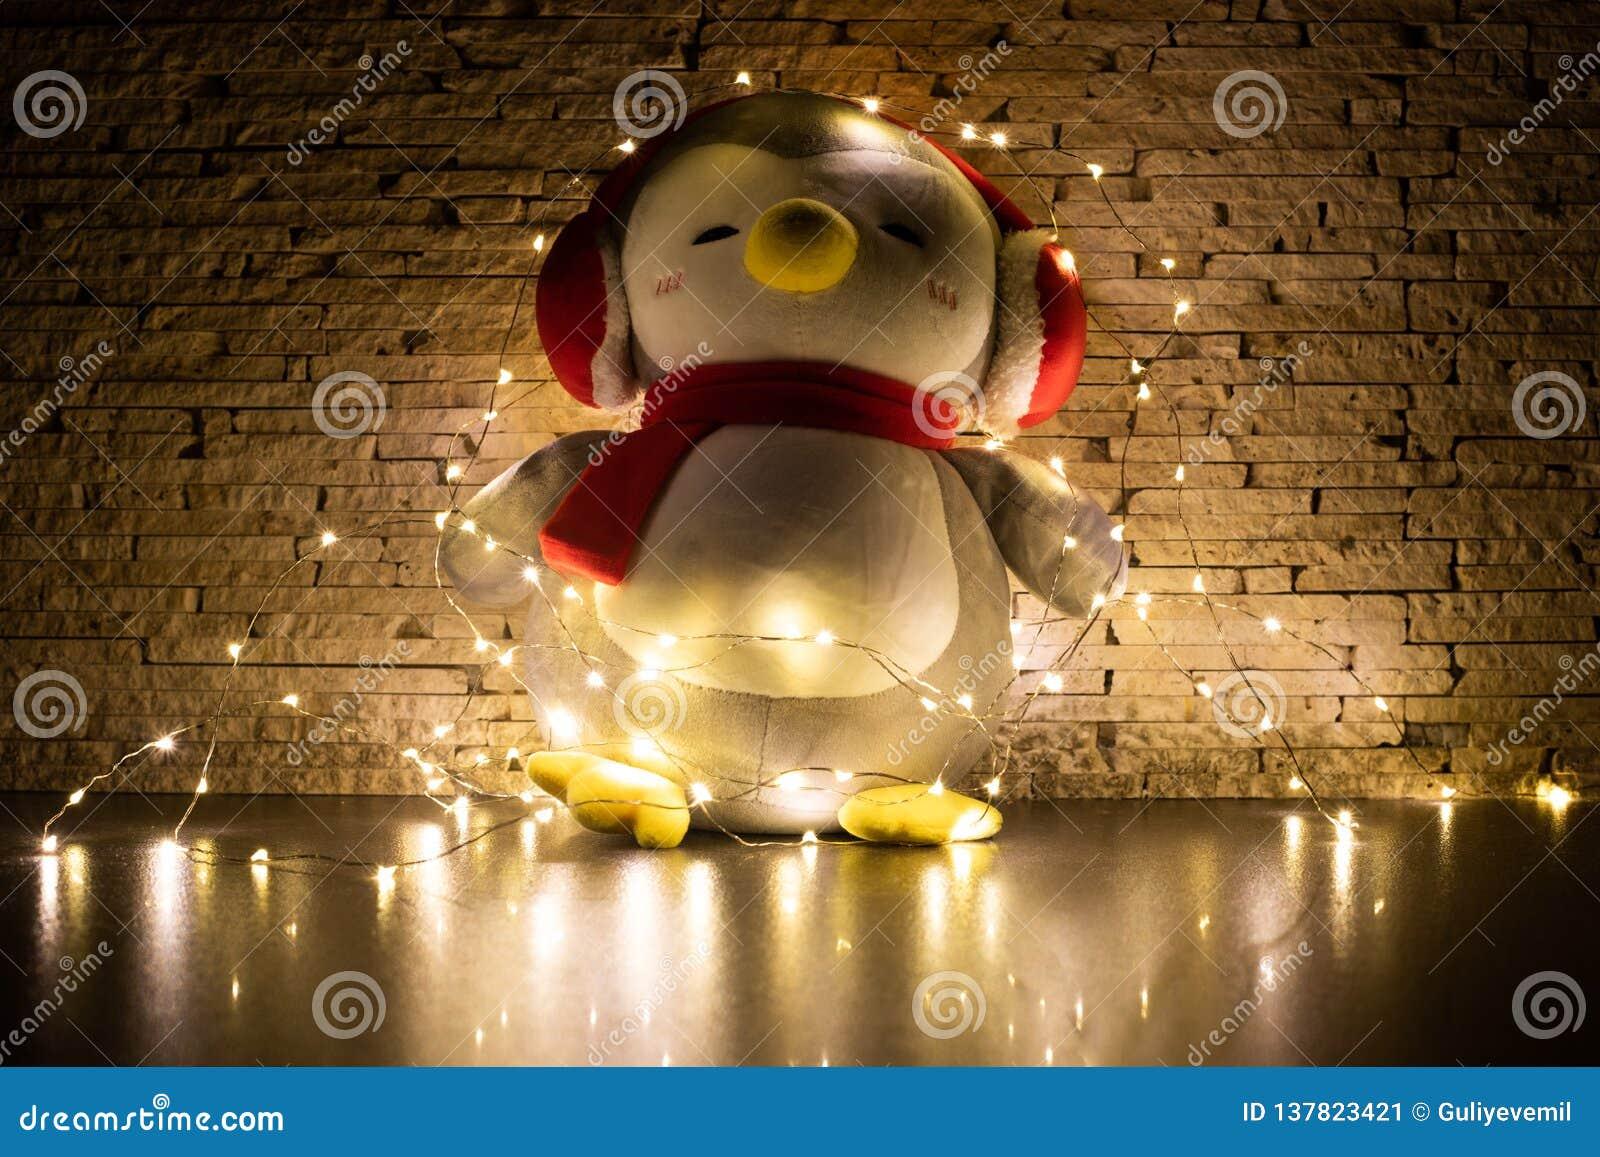 Παιχνίδι Penguin που περιβάλλεται από τη γιρλάντα με το διακοσμημένο υπόβαθρο τοίχων φωτογραφία στο σκοτάδι